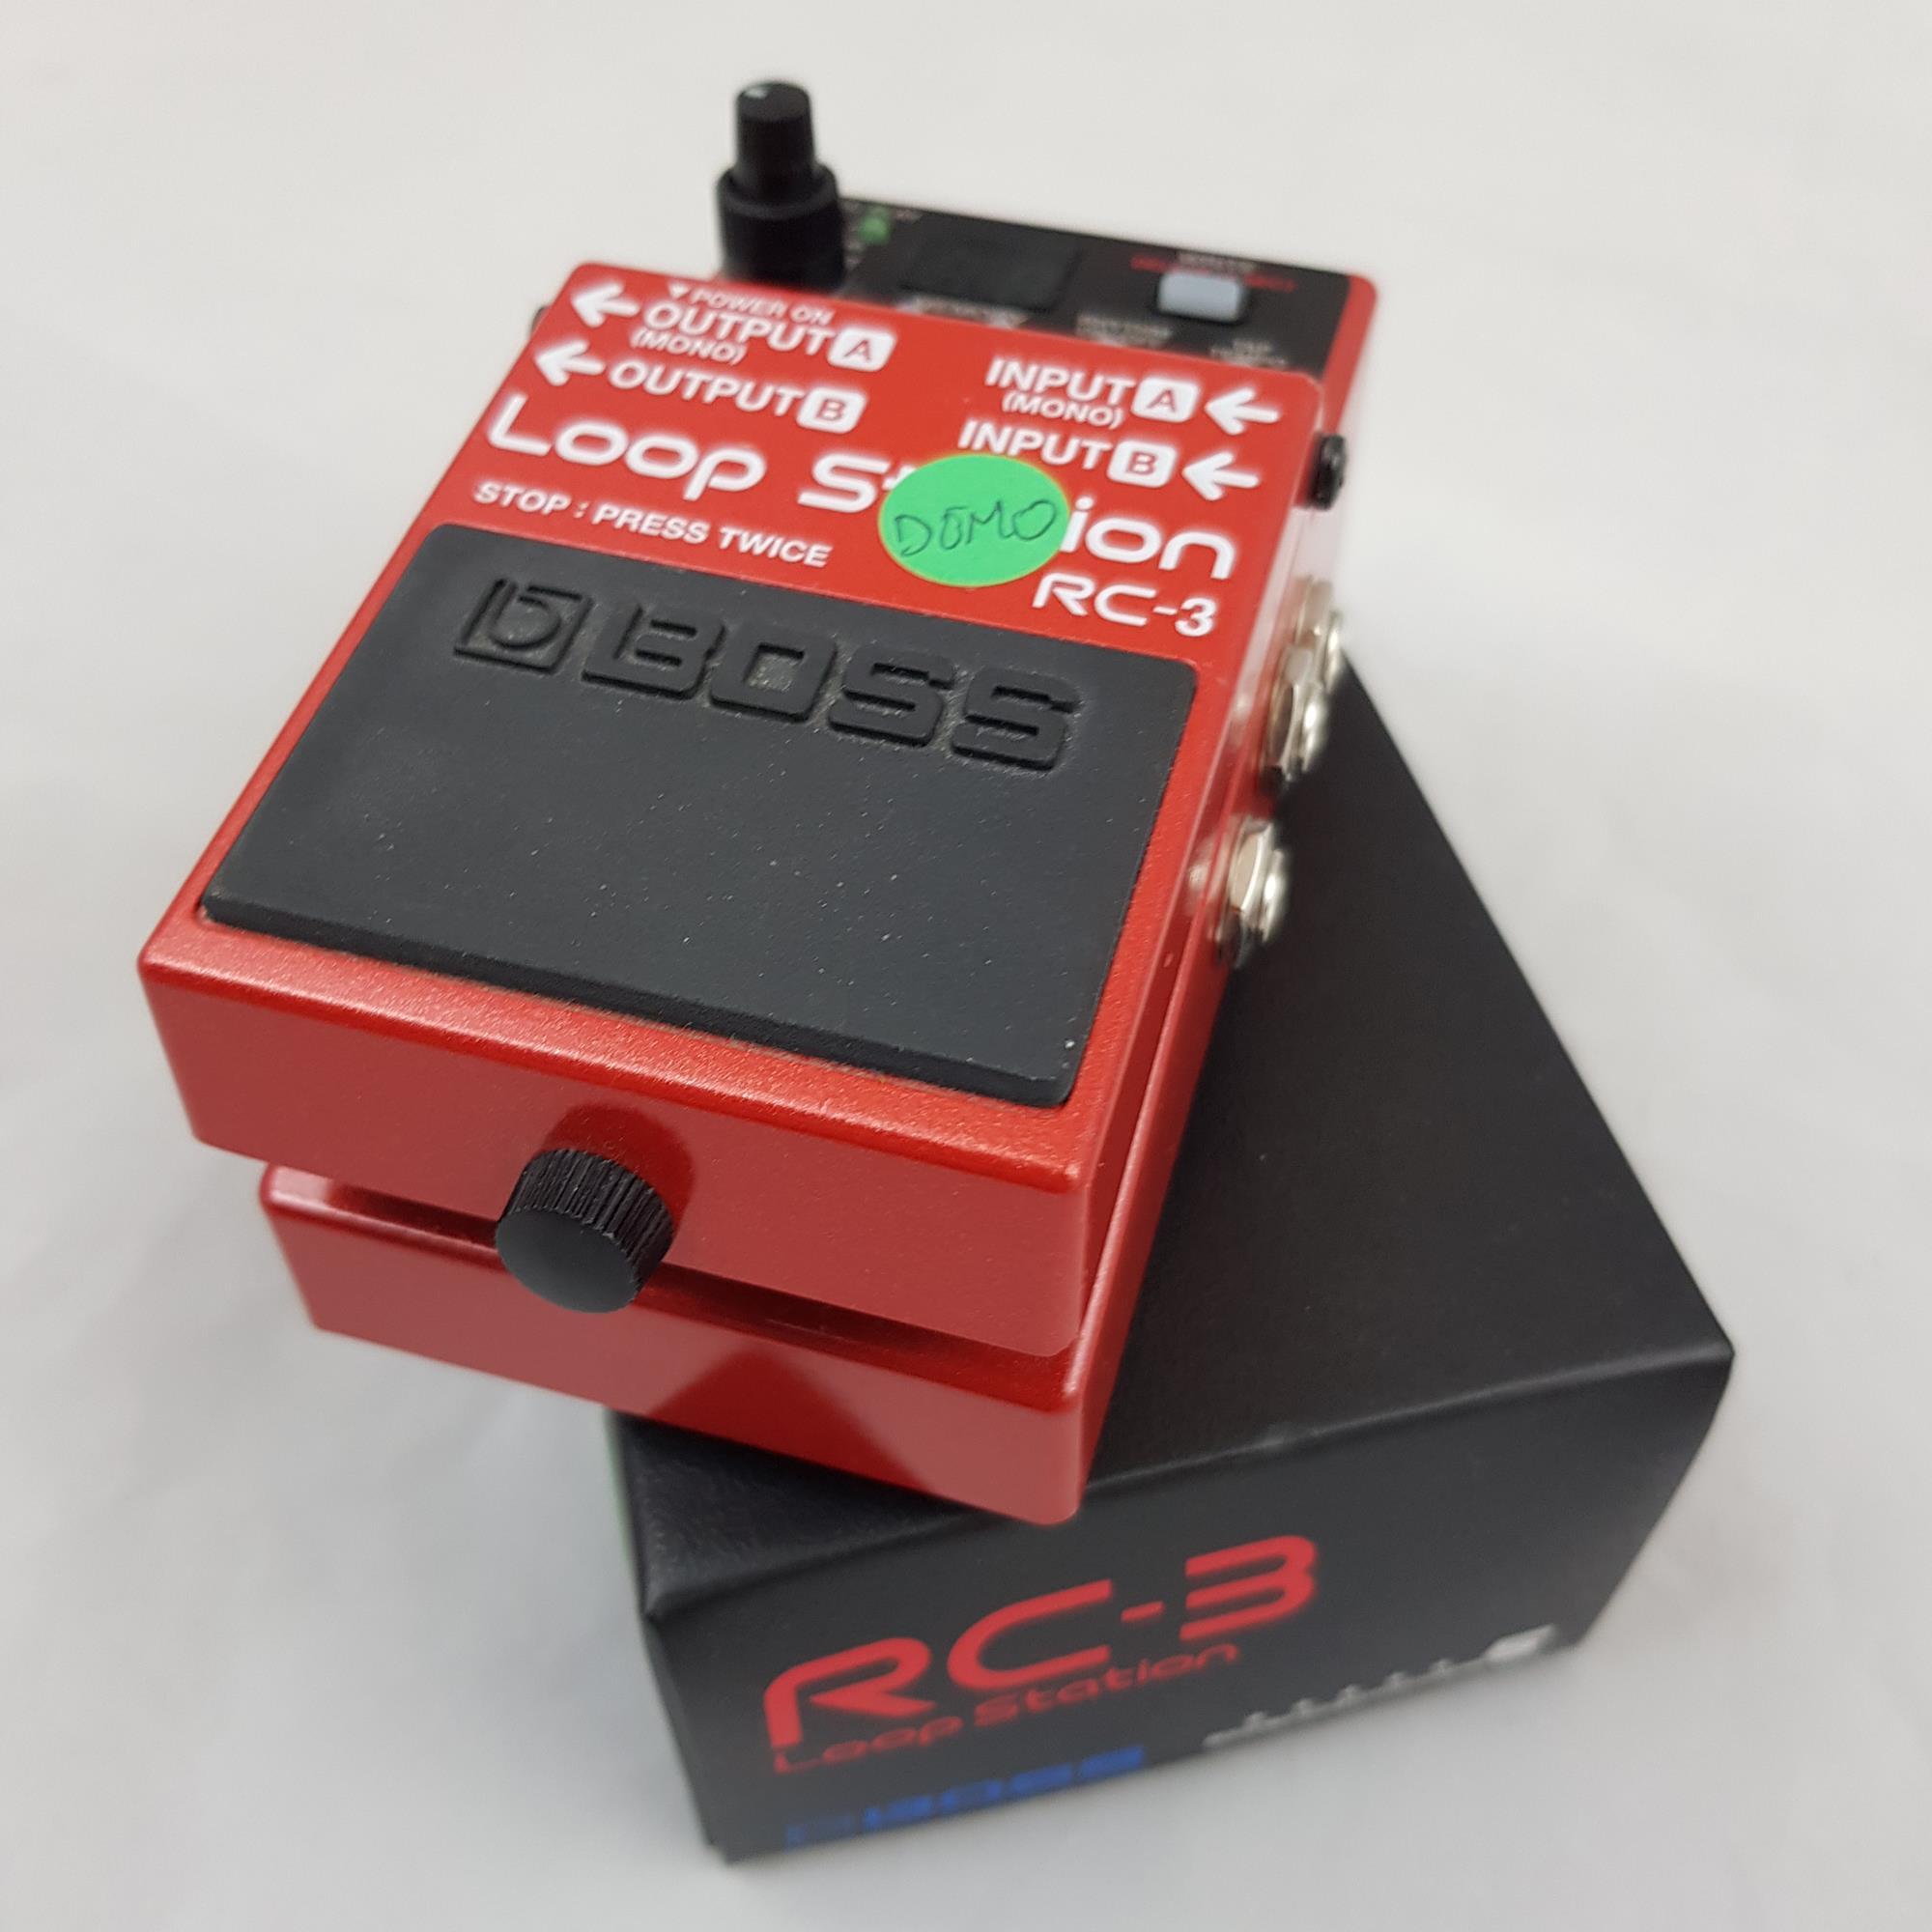 BOSS-RC-3-LOOPER-sku-1593874066820